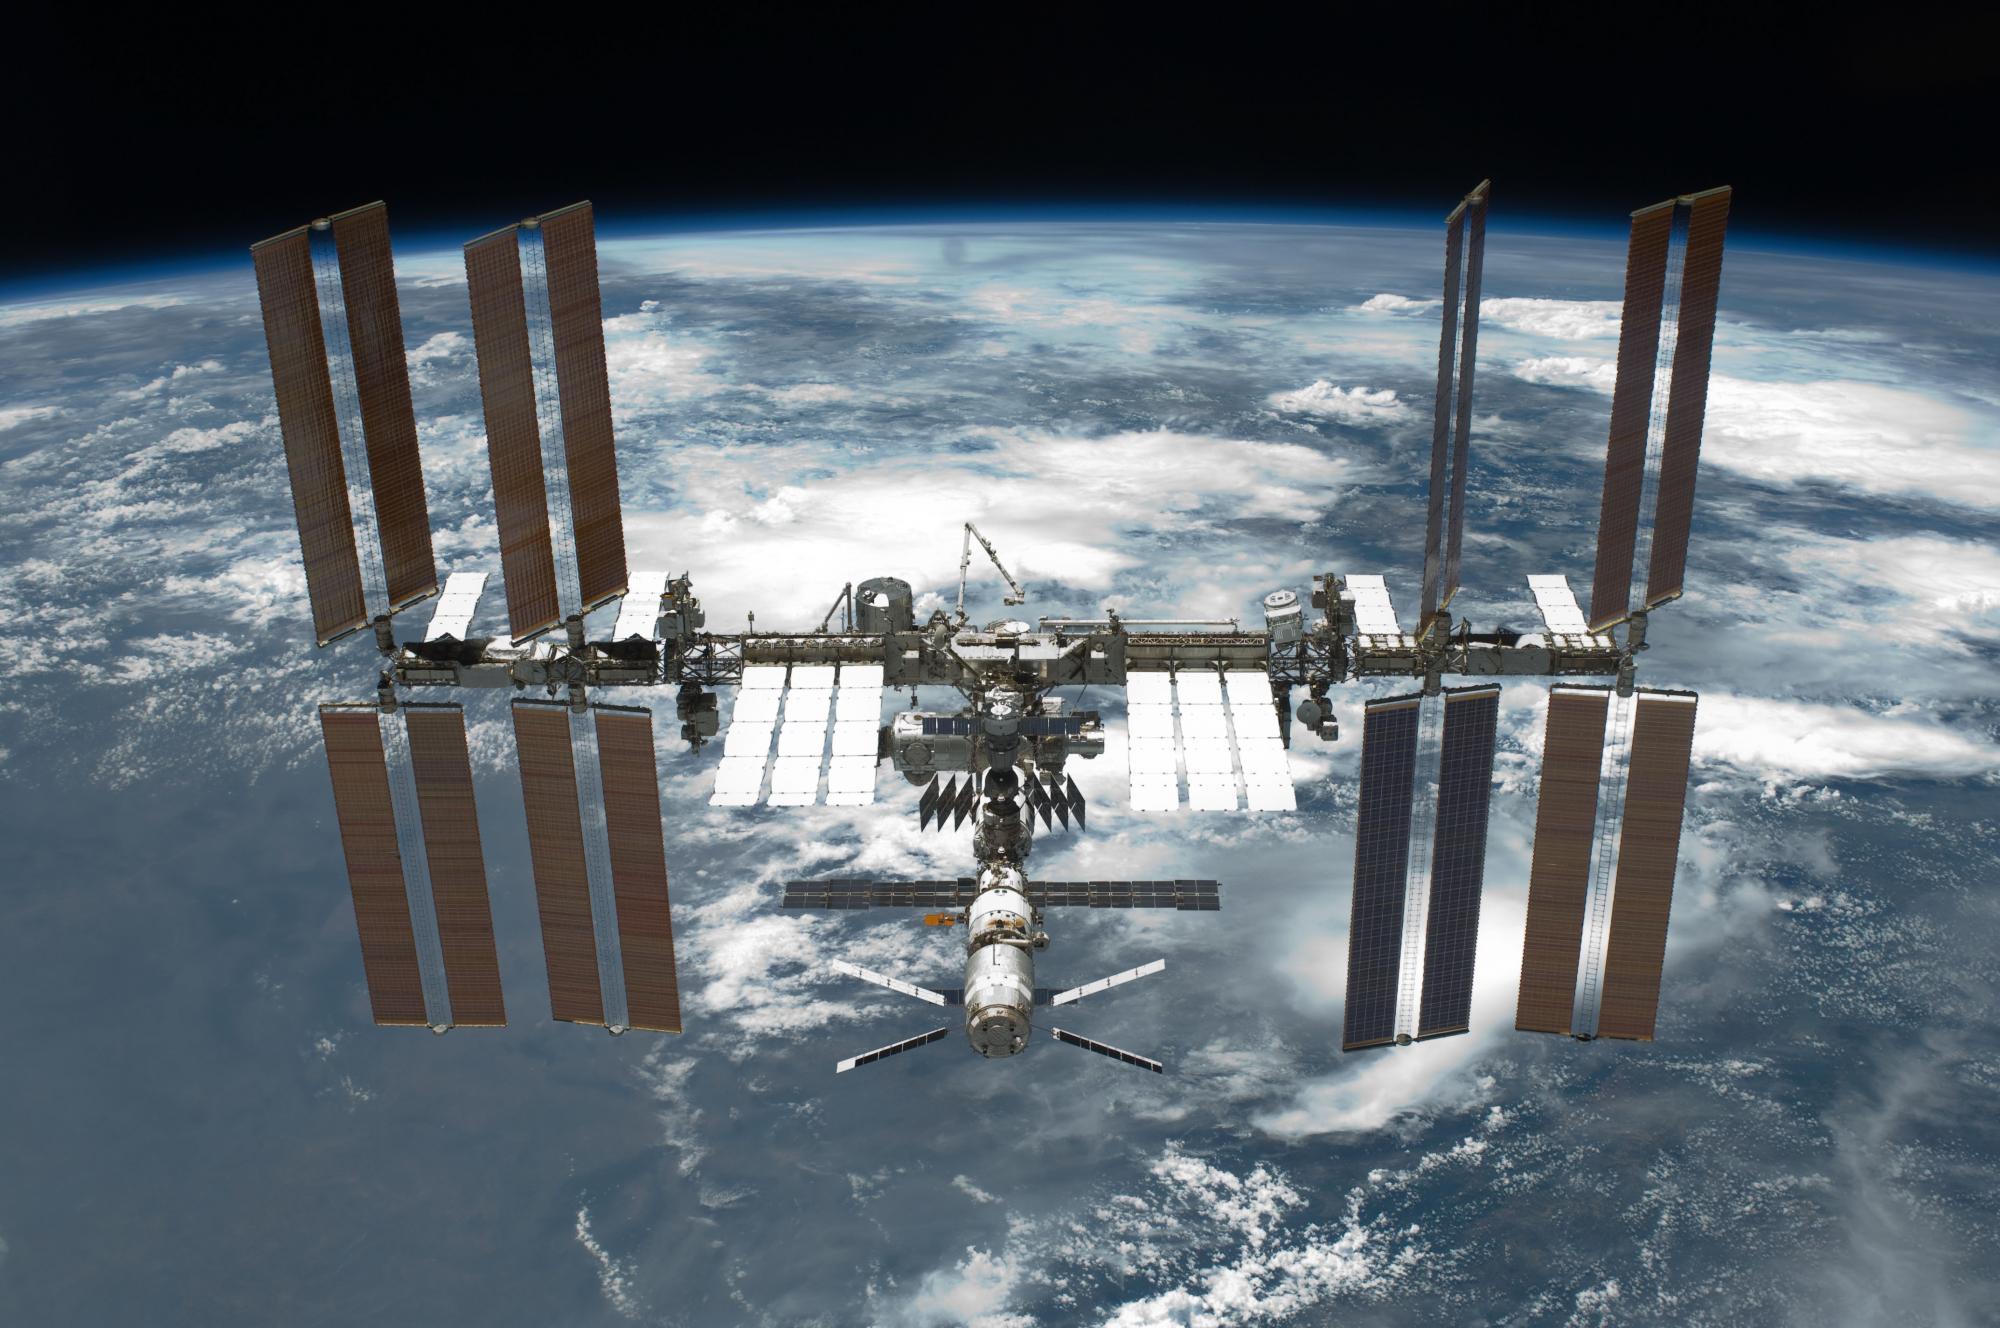 Первые космические туристы подписали контракт: они отправятся на МКС в 2021 году